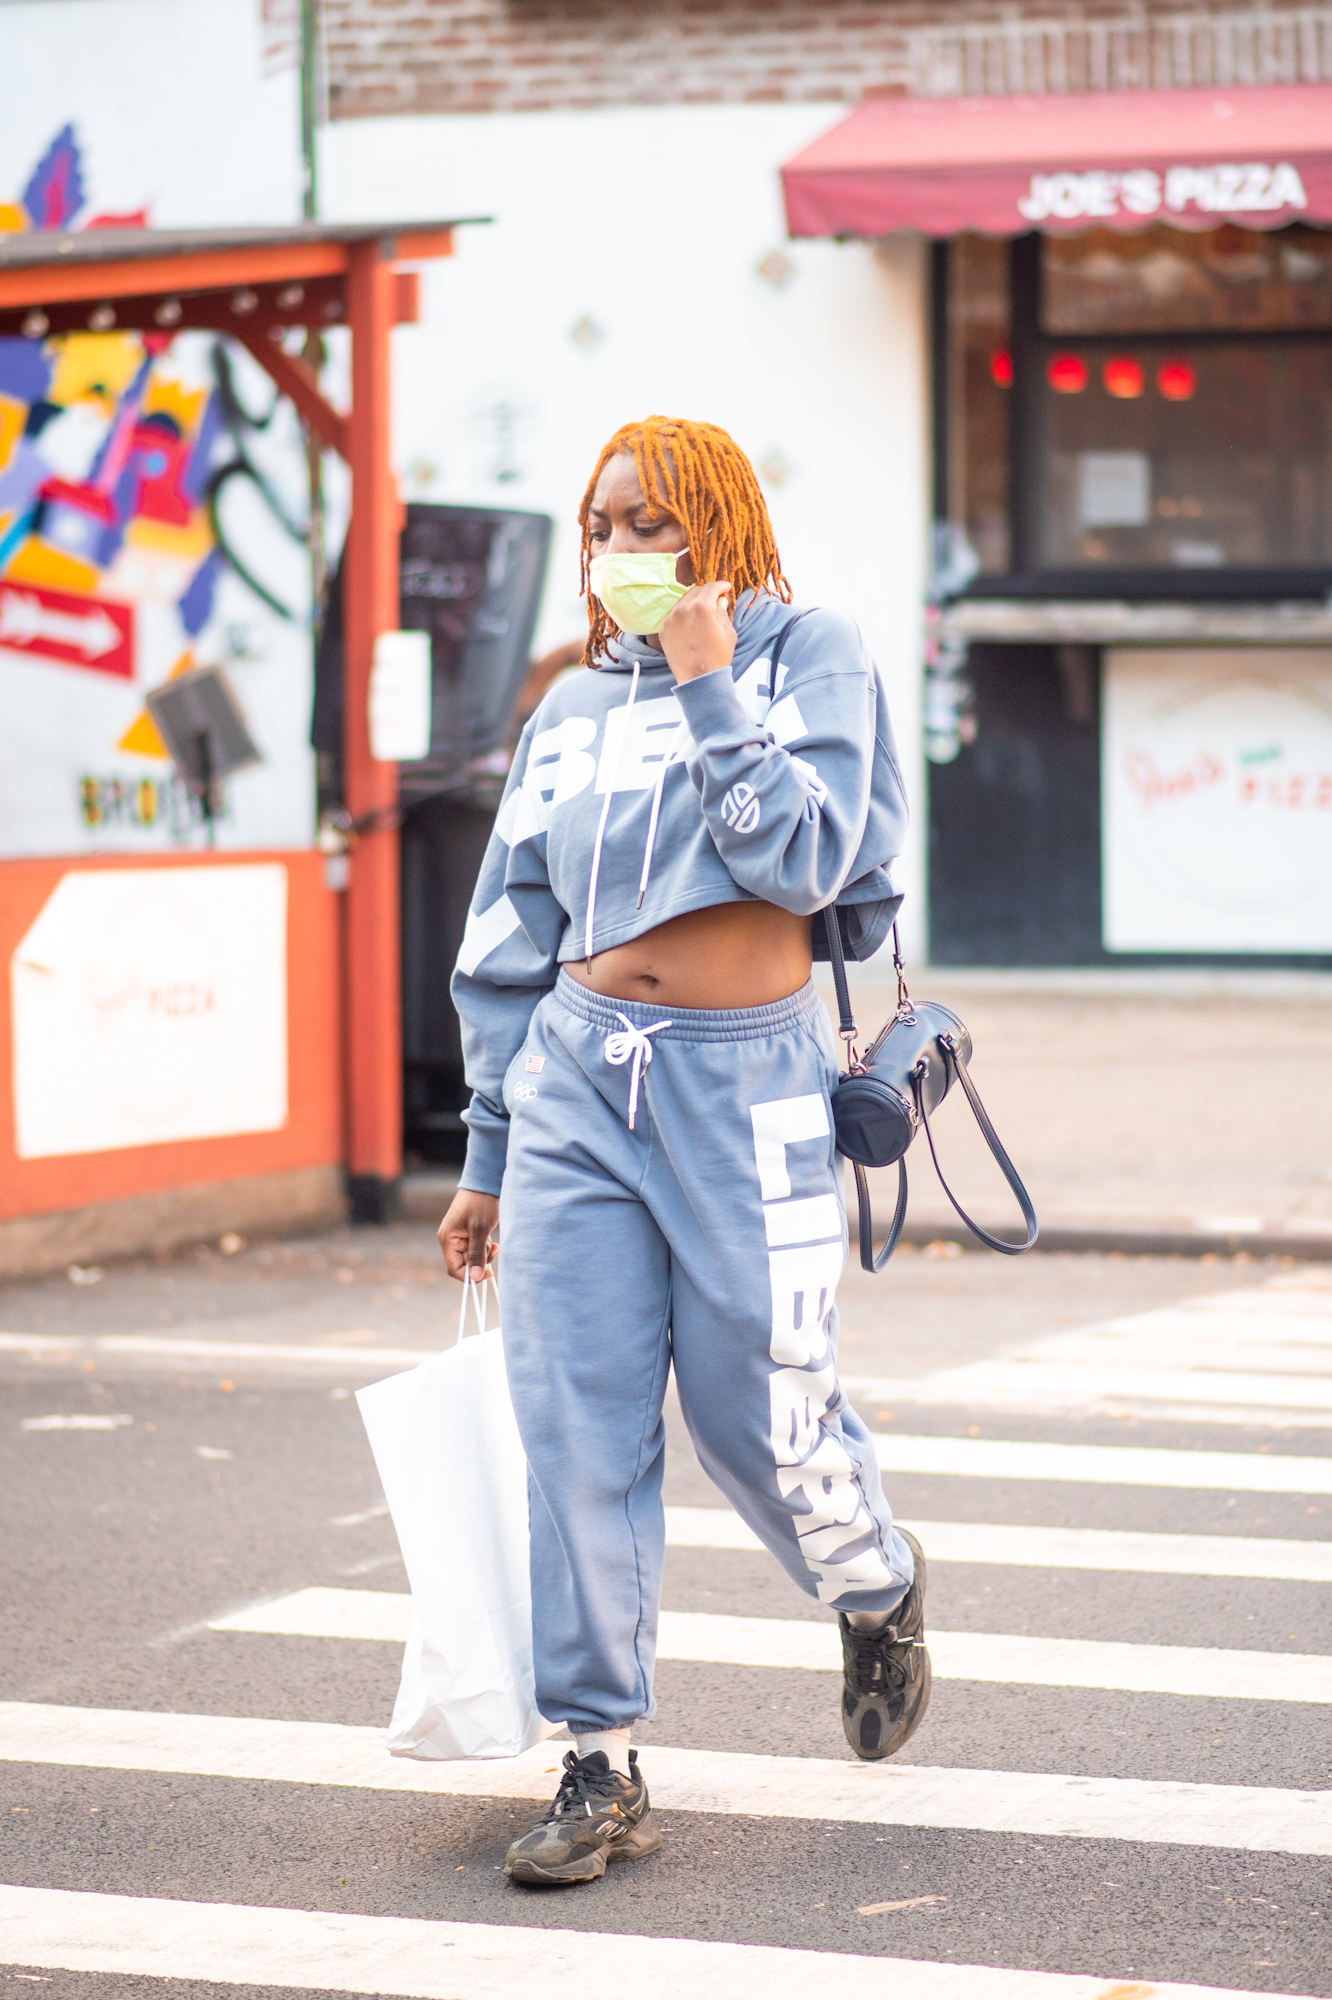 NYC street style fall outfit idea - woman wearing matching sweatsuit set- Karya Schanilec NYC fashion photographer